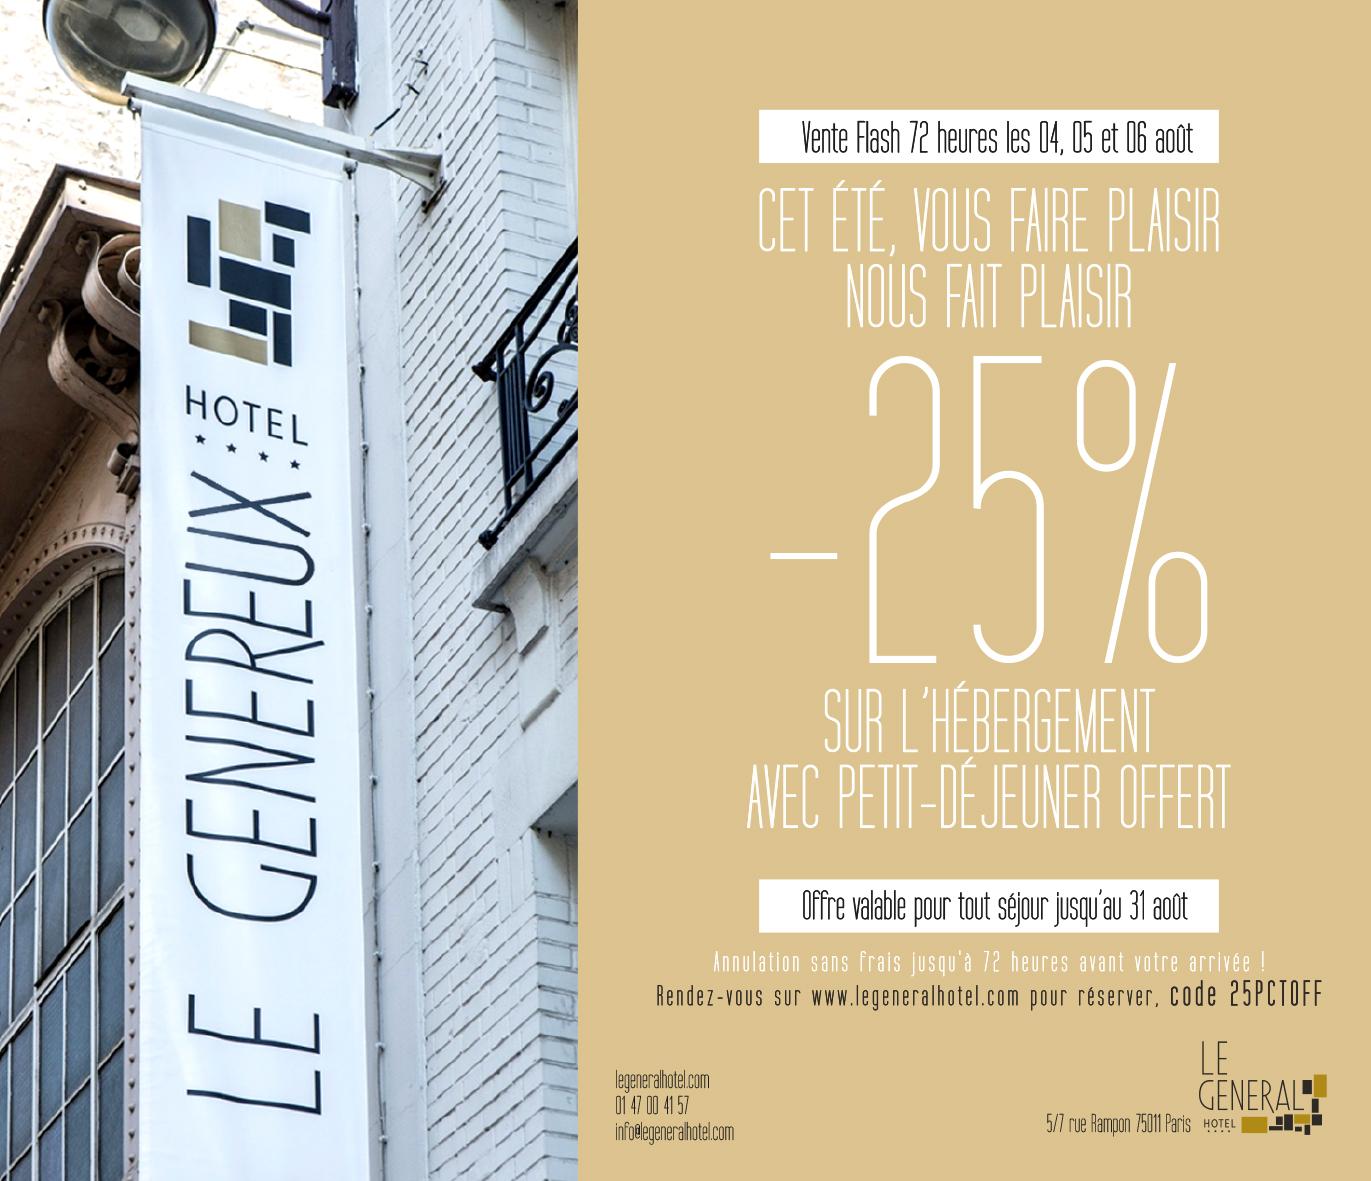 Vente Flash Le General Hotel